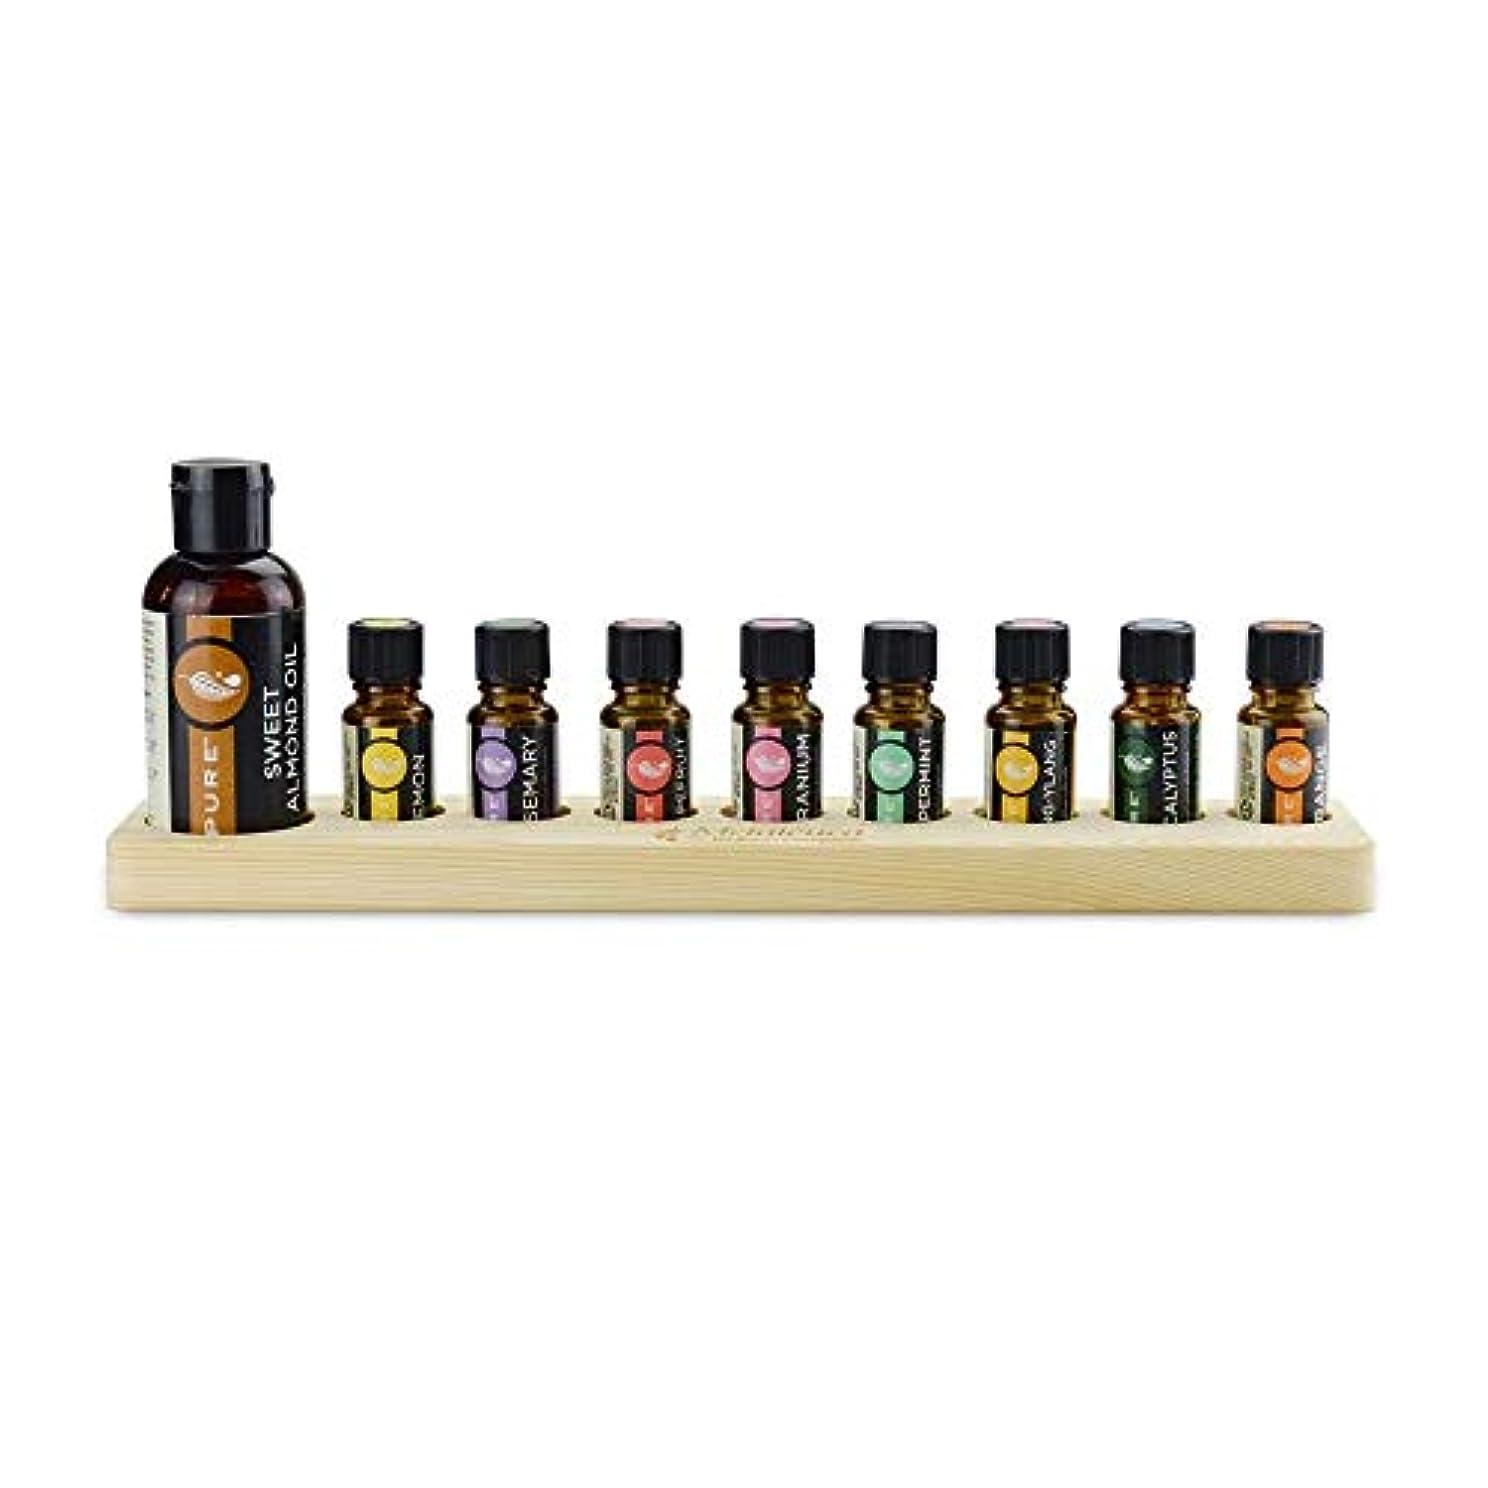 不従順委員会教育学エッセンシャルオイルの保管 9スロット木製エッセンシャルオイルストレージホルダーは、9つの15ミリリットル油のボトルを保持します (色 : Natural, サイズ : Free size)